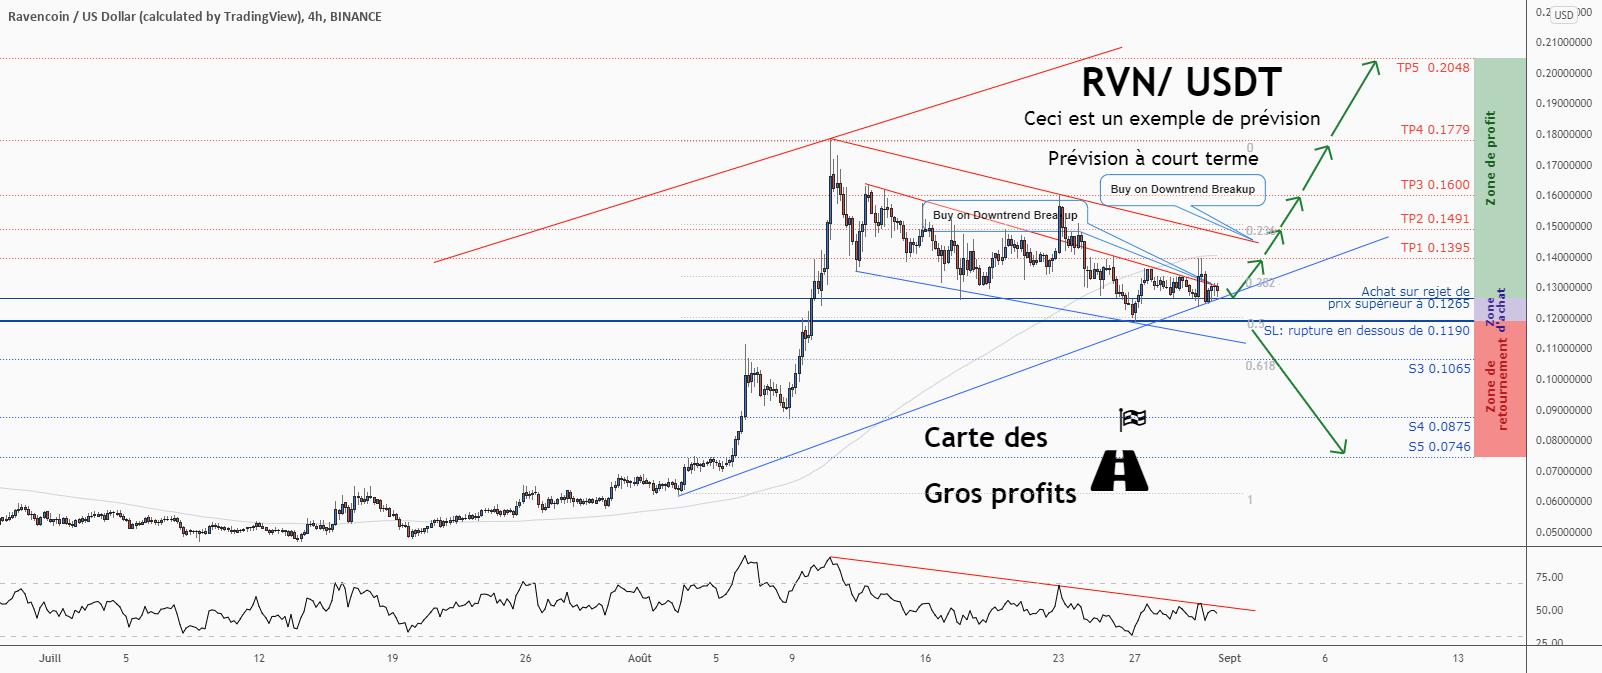 💡Ne manquez pas cette grande opportunité d'achat de RVNUSD pour BINANCE:RVNUSD par ForecastCity_Francais